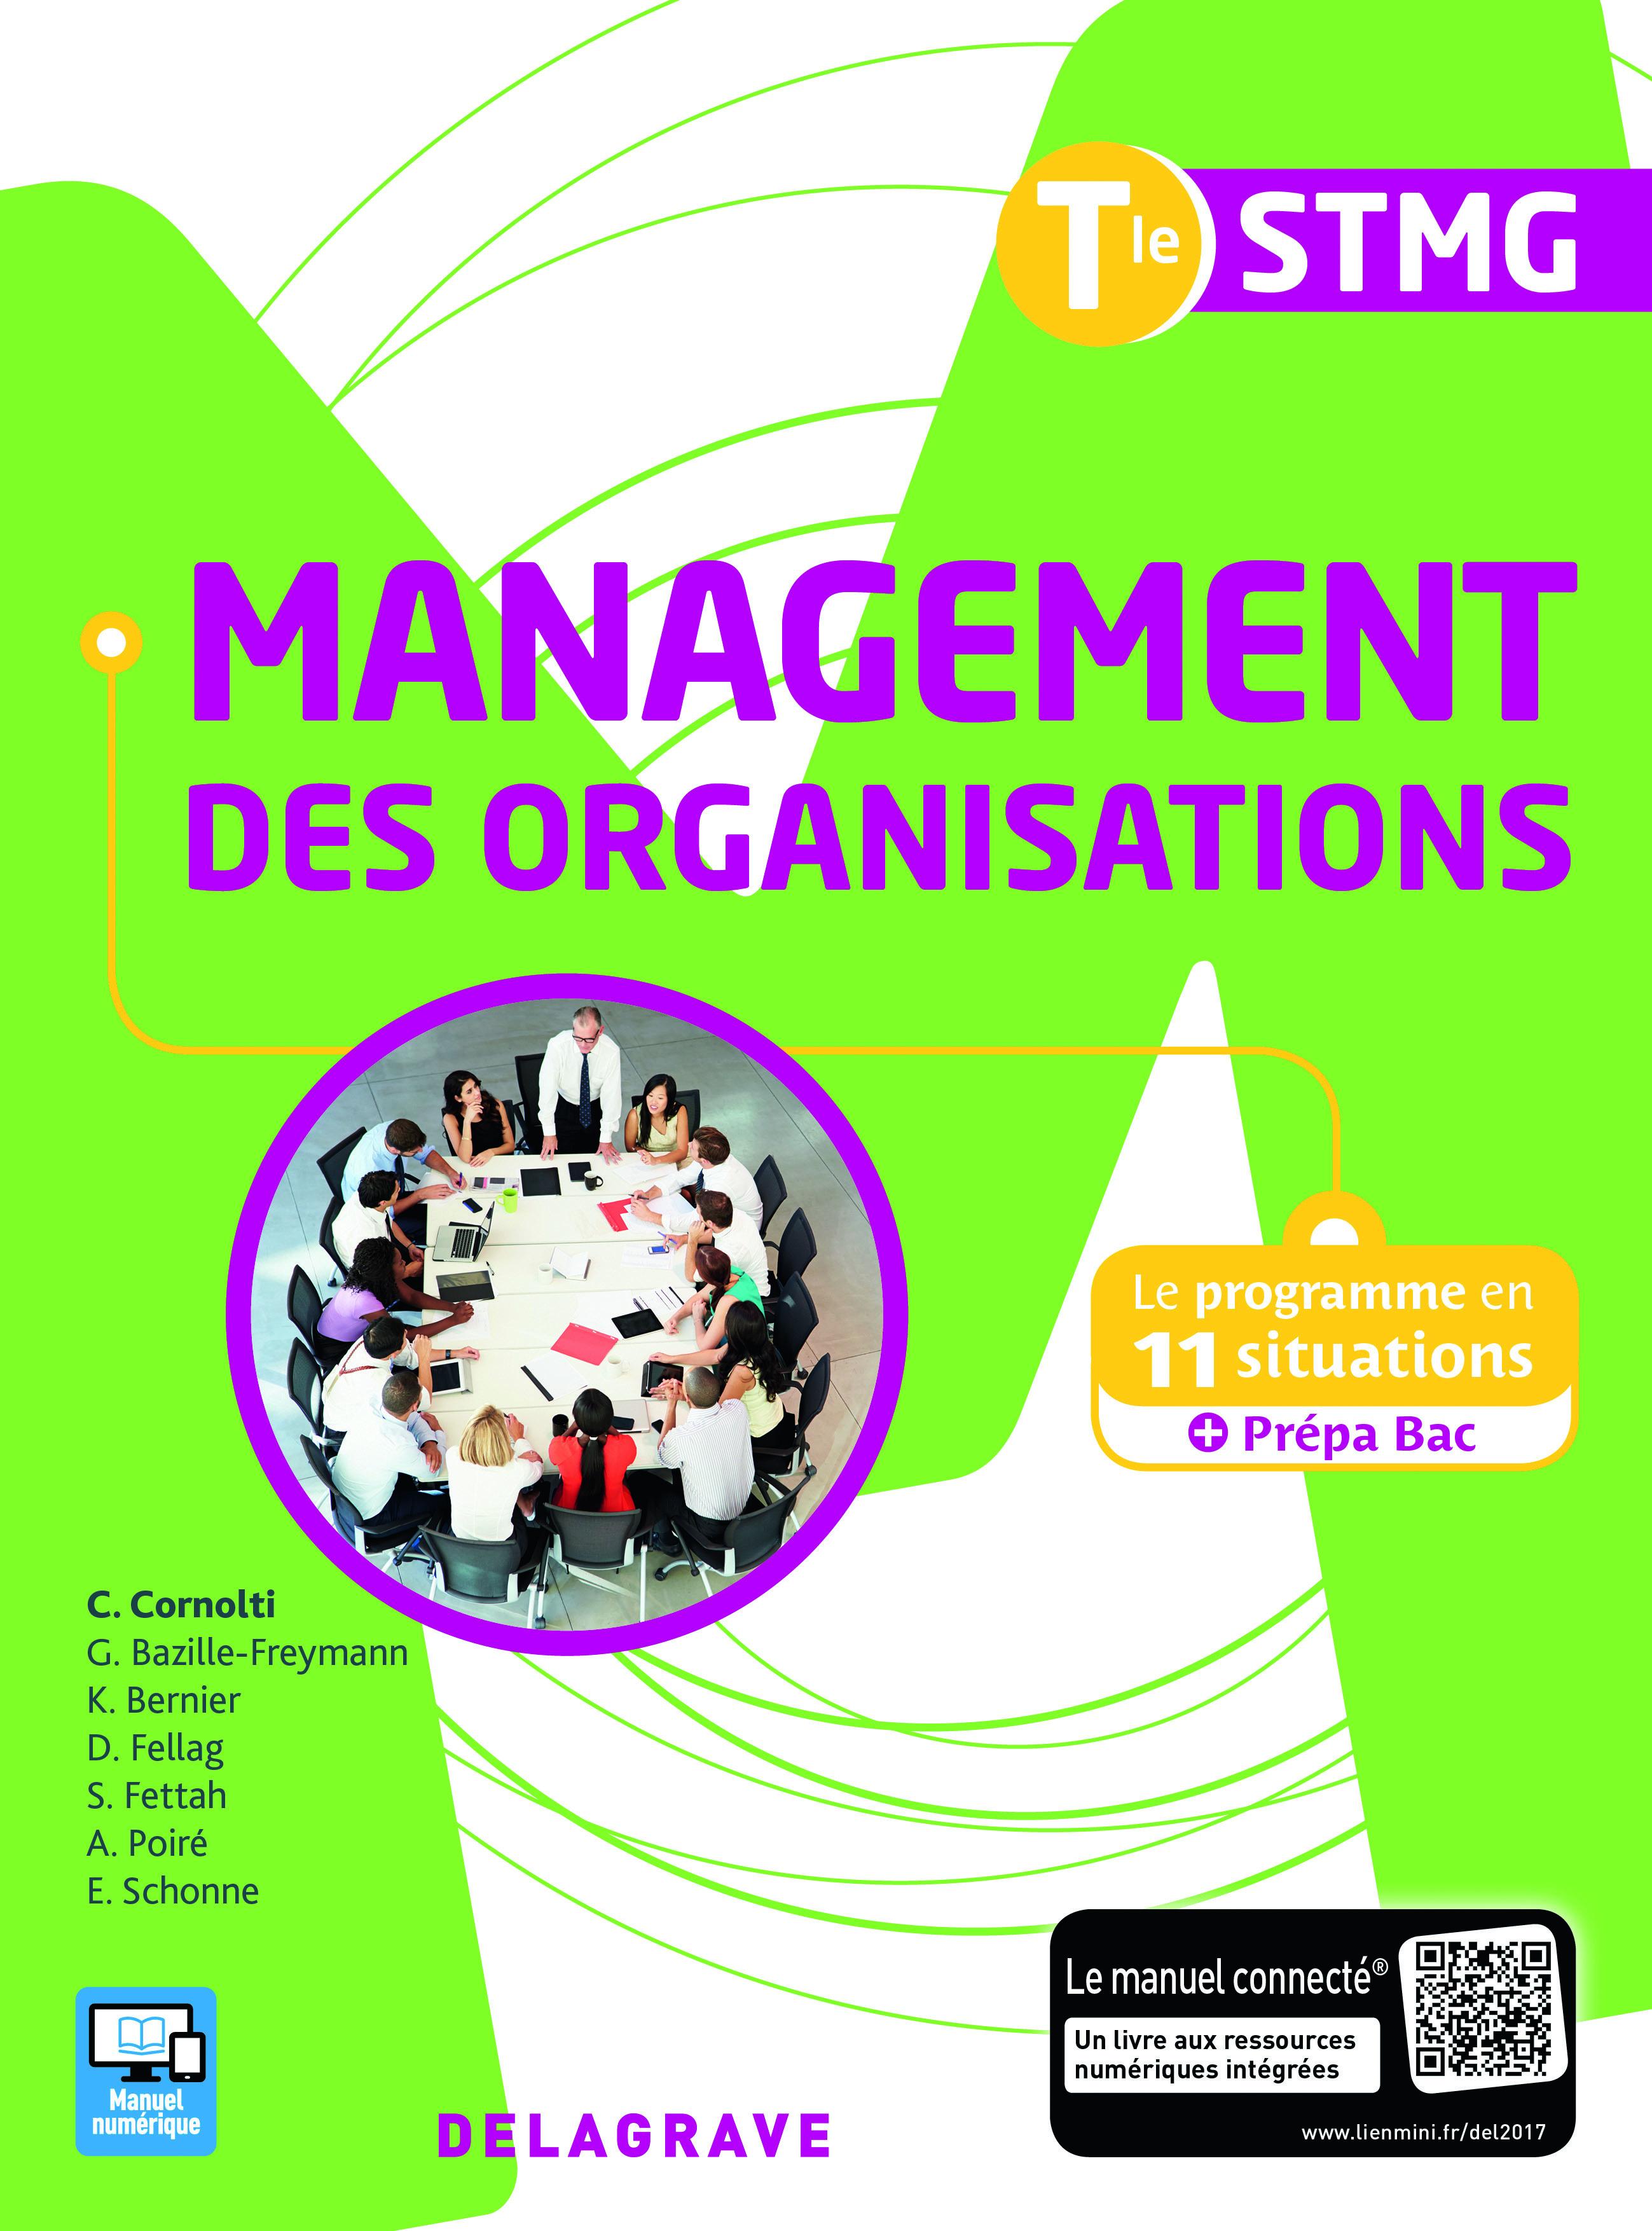 MANAGEMENT DES ORGANISATIONS TLE STMG ELEVE 2017